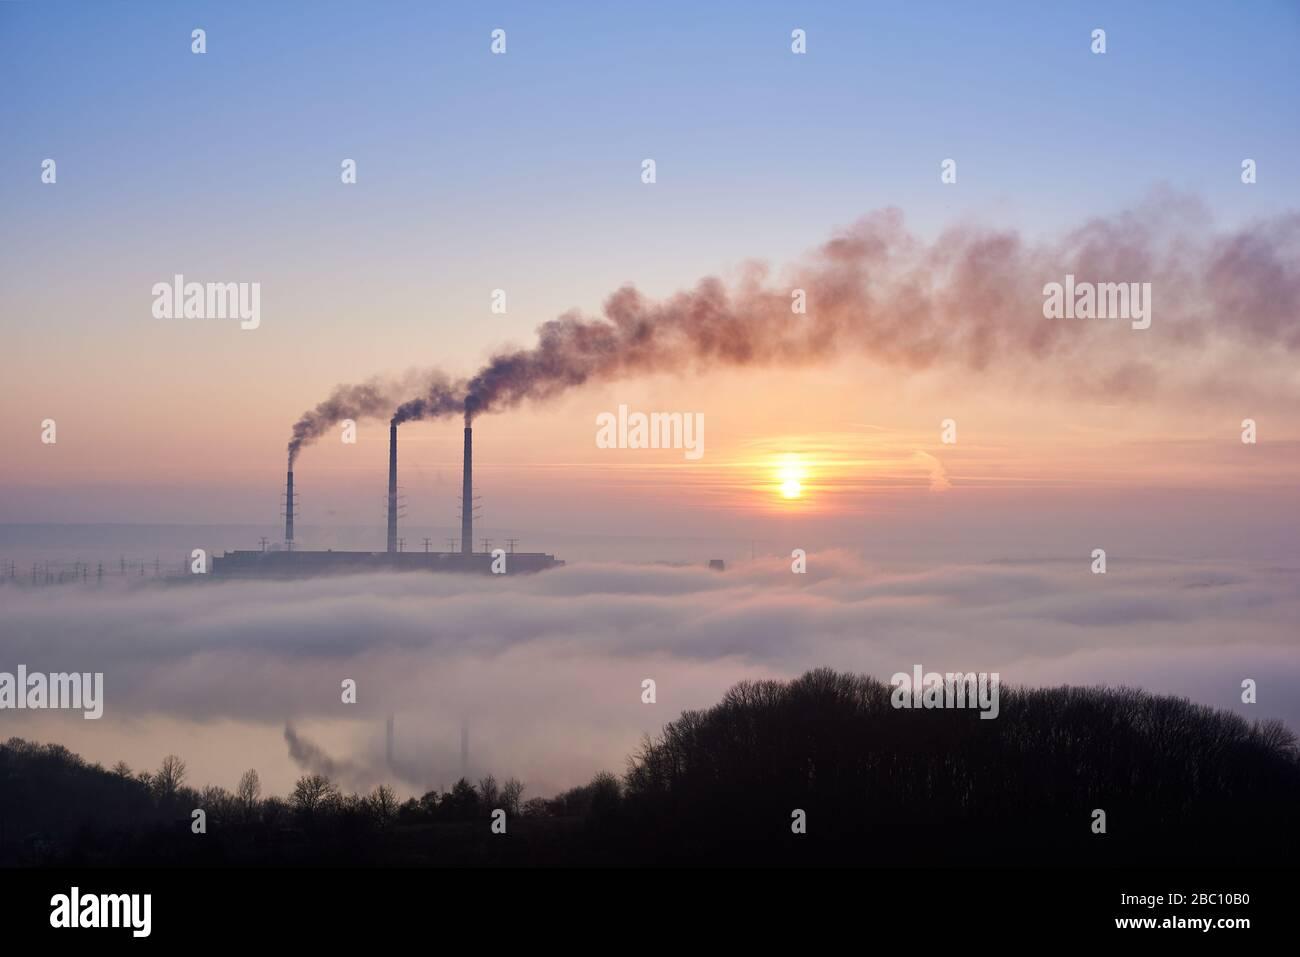 Horizontaler Schnappschuss von drei Raucherstapeln des Wärmekraftwerks am Horizont, die vom Hügel aufgenommen wurden, Rohre befinden sich im Abendnebel am blauen Himmel, Kopierraum. Umweltverschmutzung Stockfoto